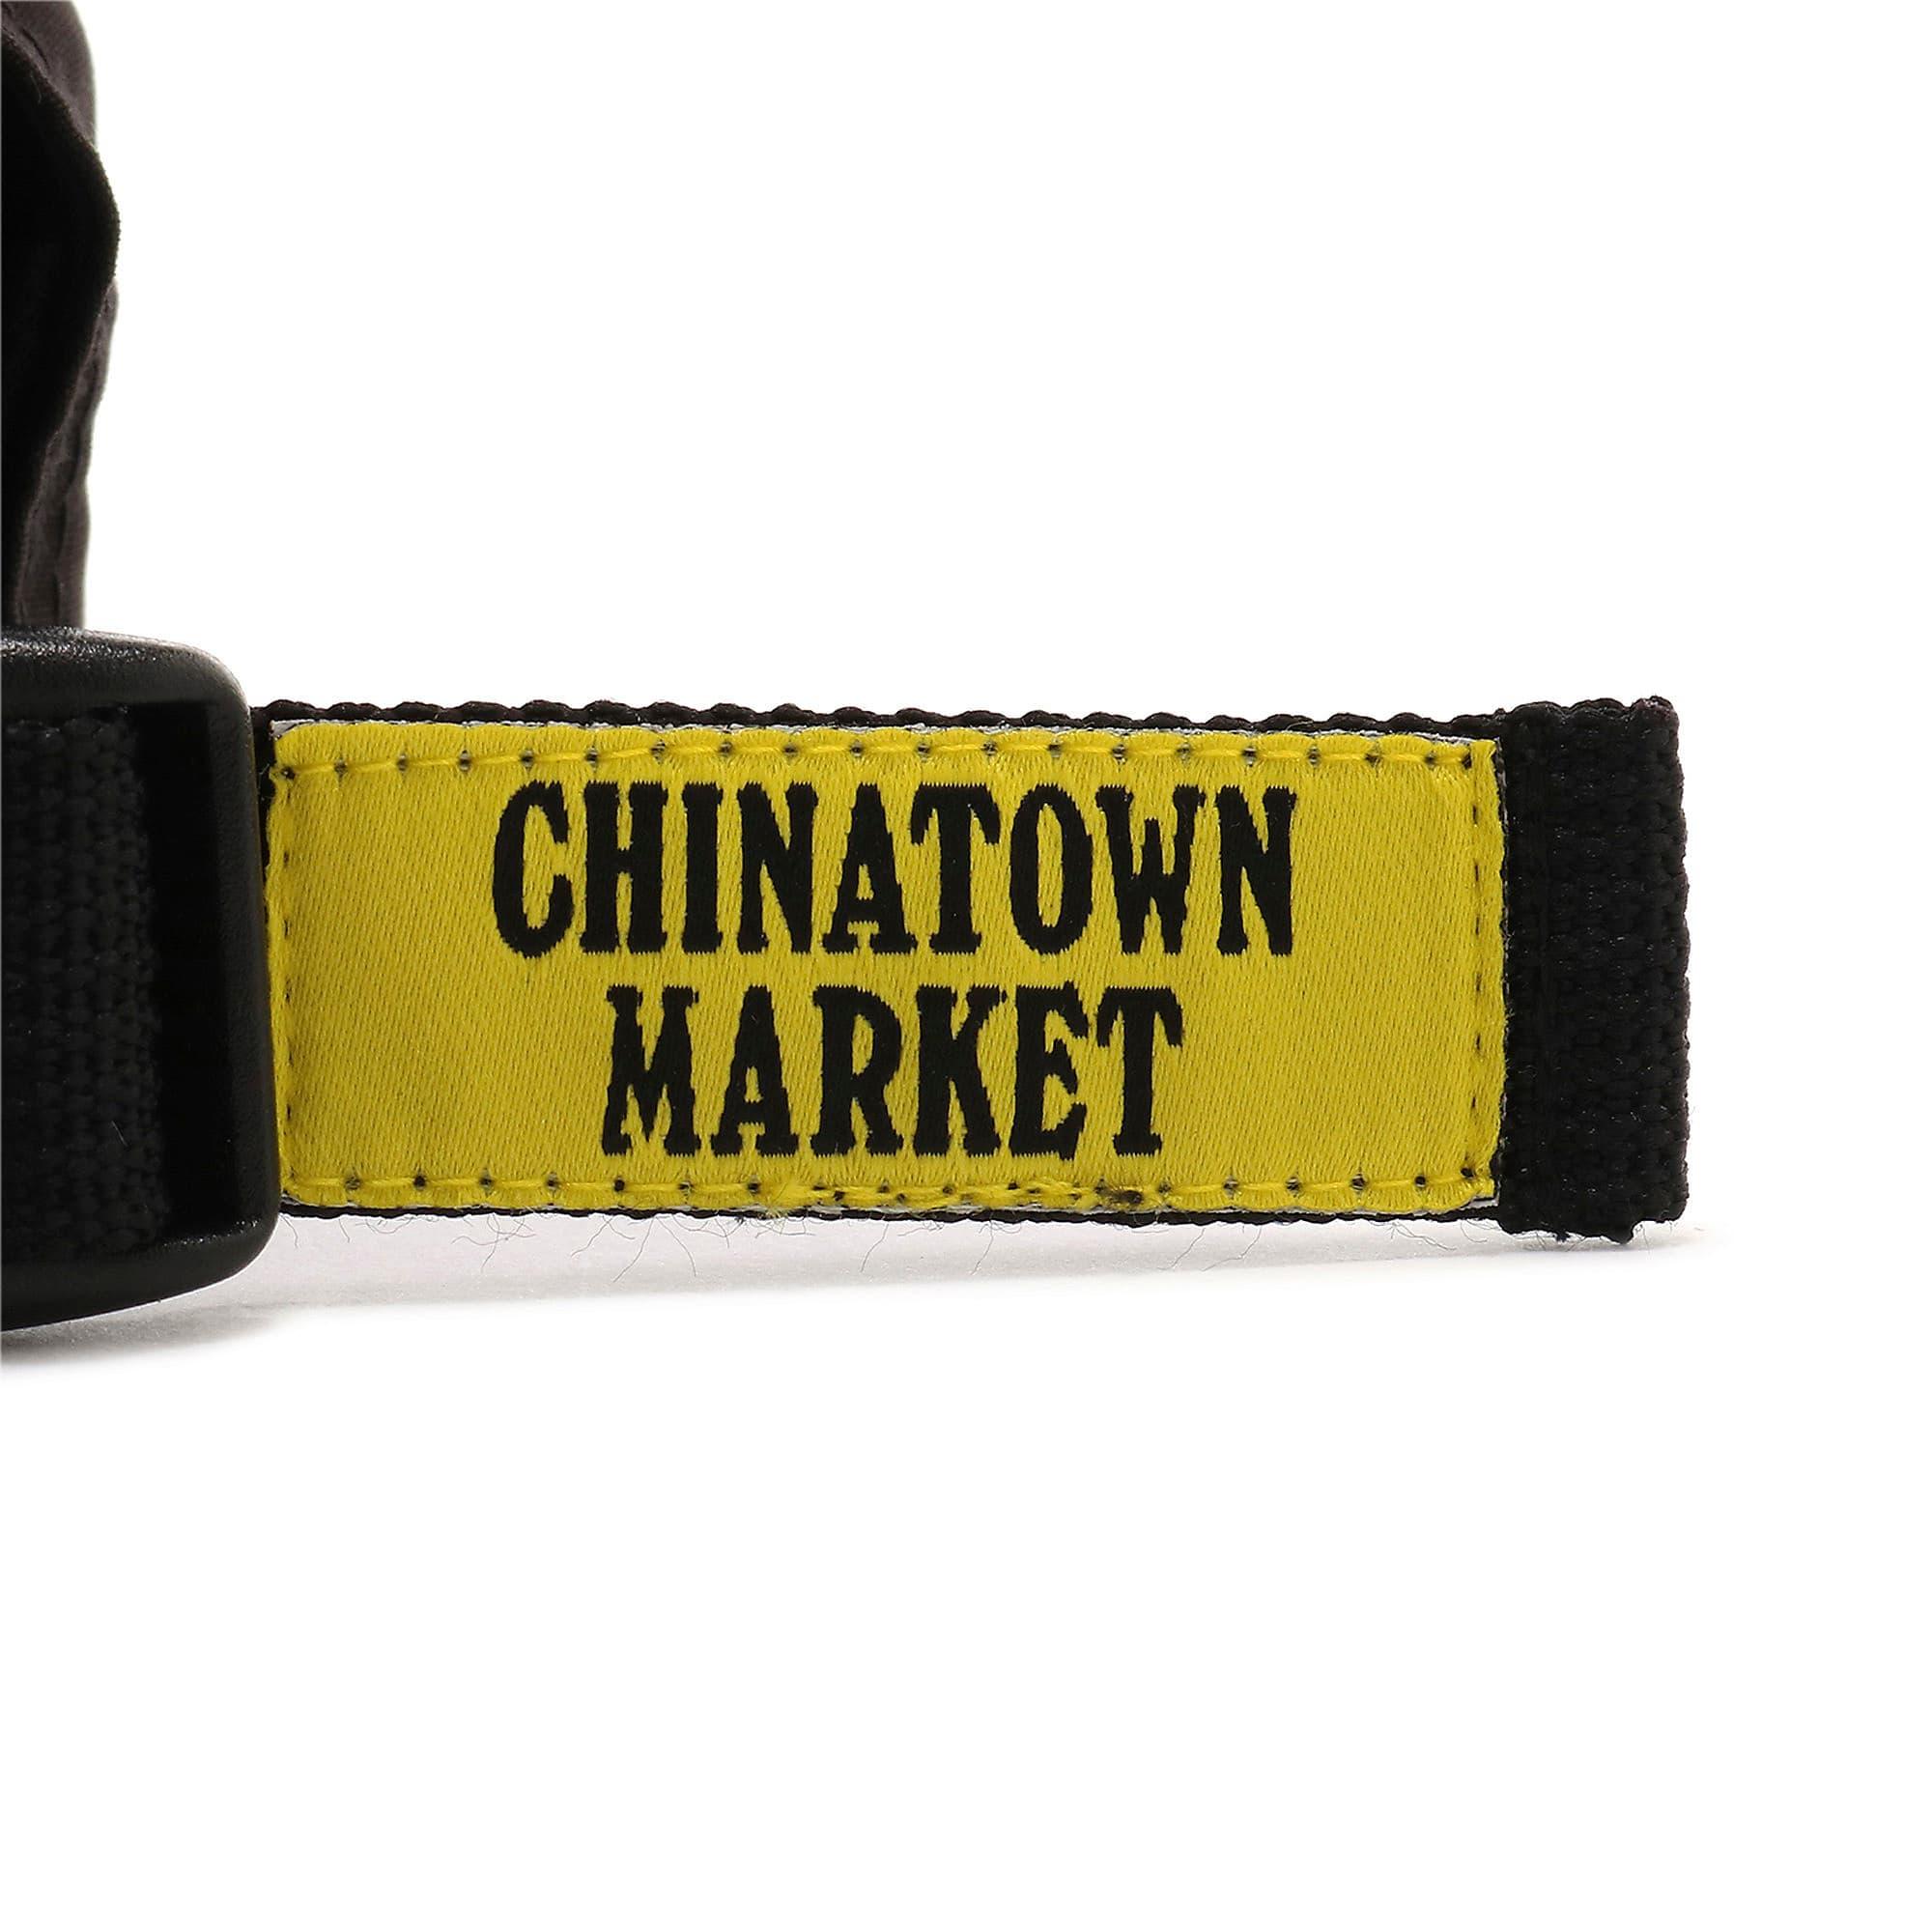 Thumbnail 5 of PUMA x CHINATOWN MARKET キャップ, Puma Black-Fern Green, medium-JPN